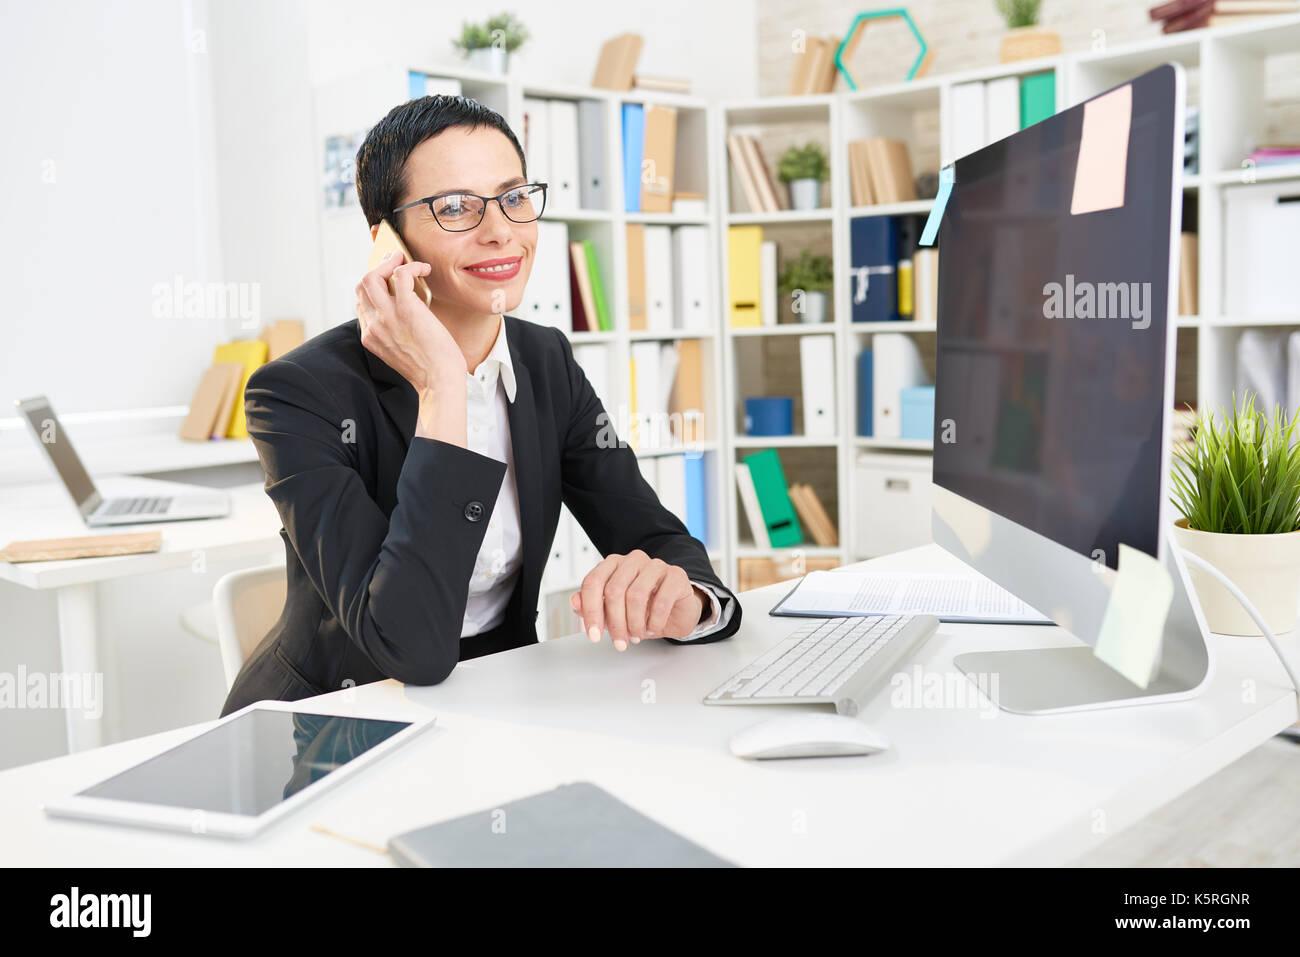 Lächelnd im mittleren Alter Unternehmer sitzen am Schreibtisch ...